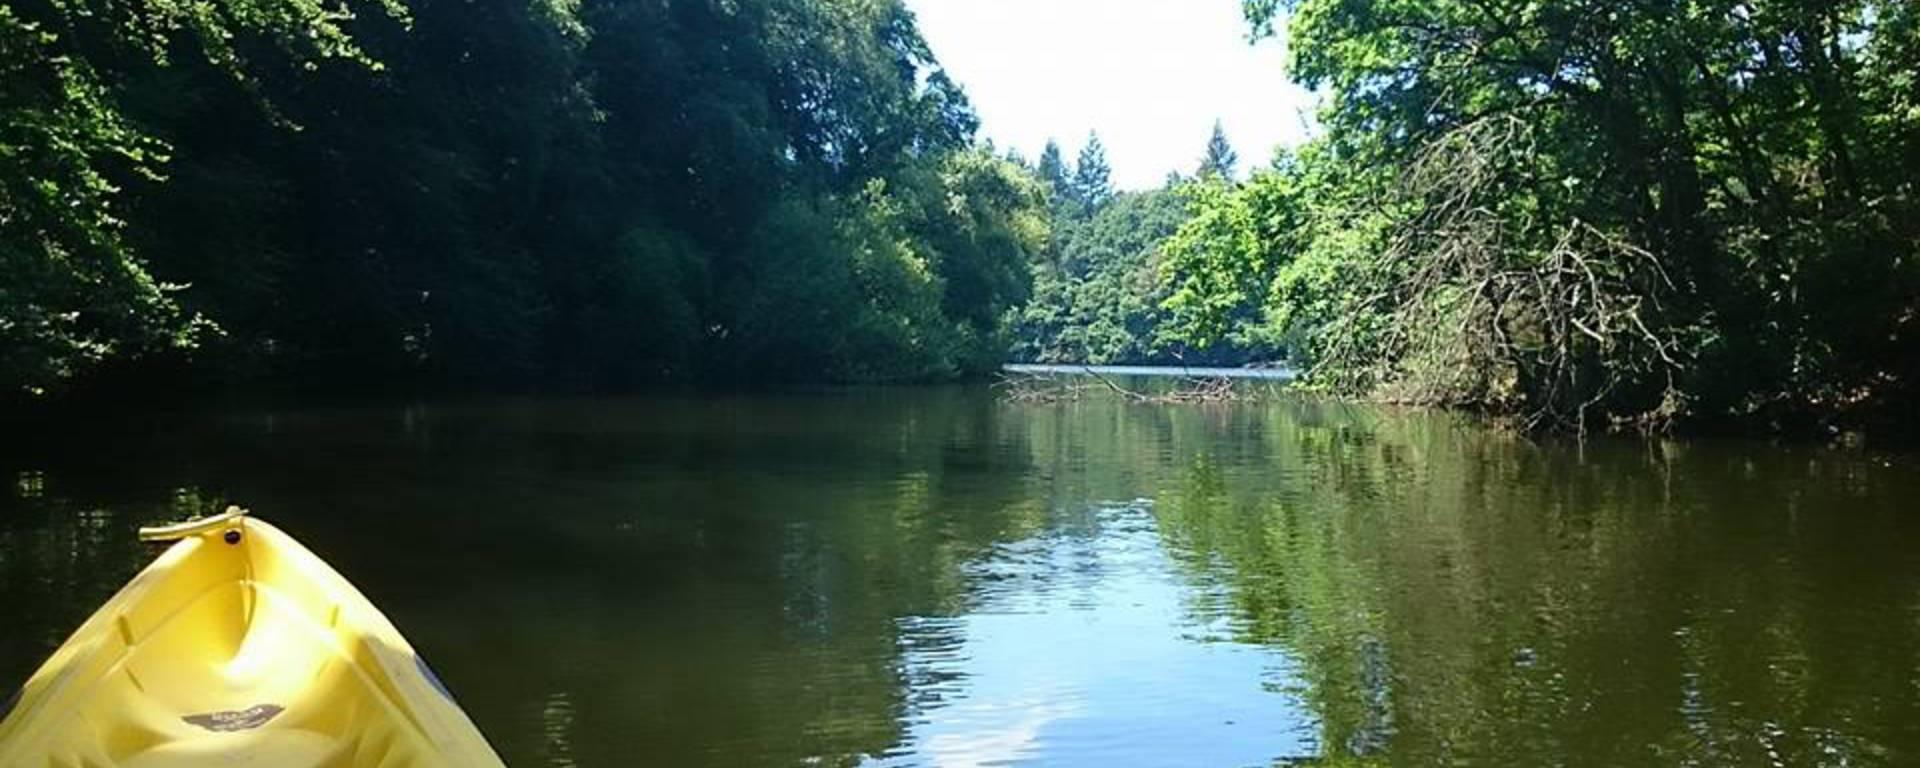 Randonnée sur l'eau - Station Sports Nature